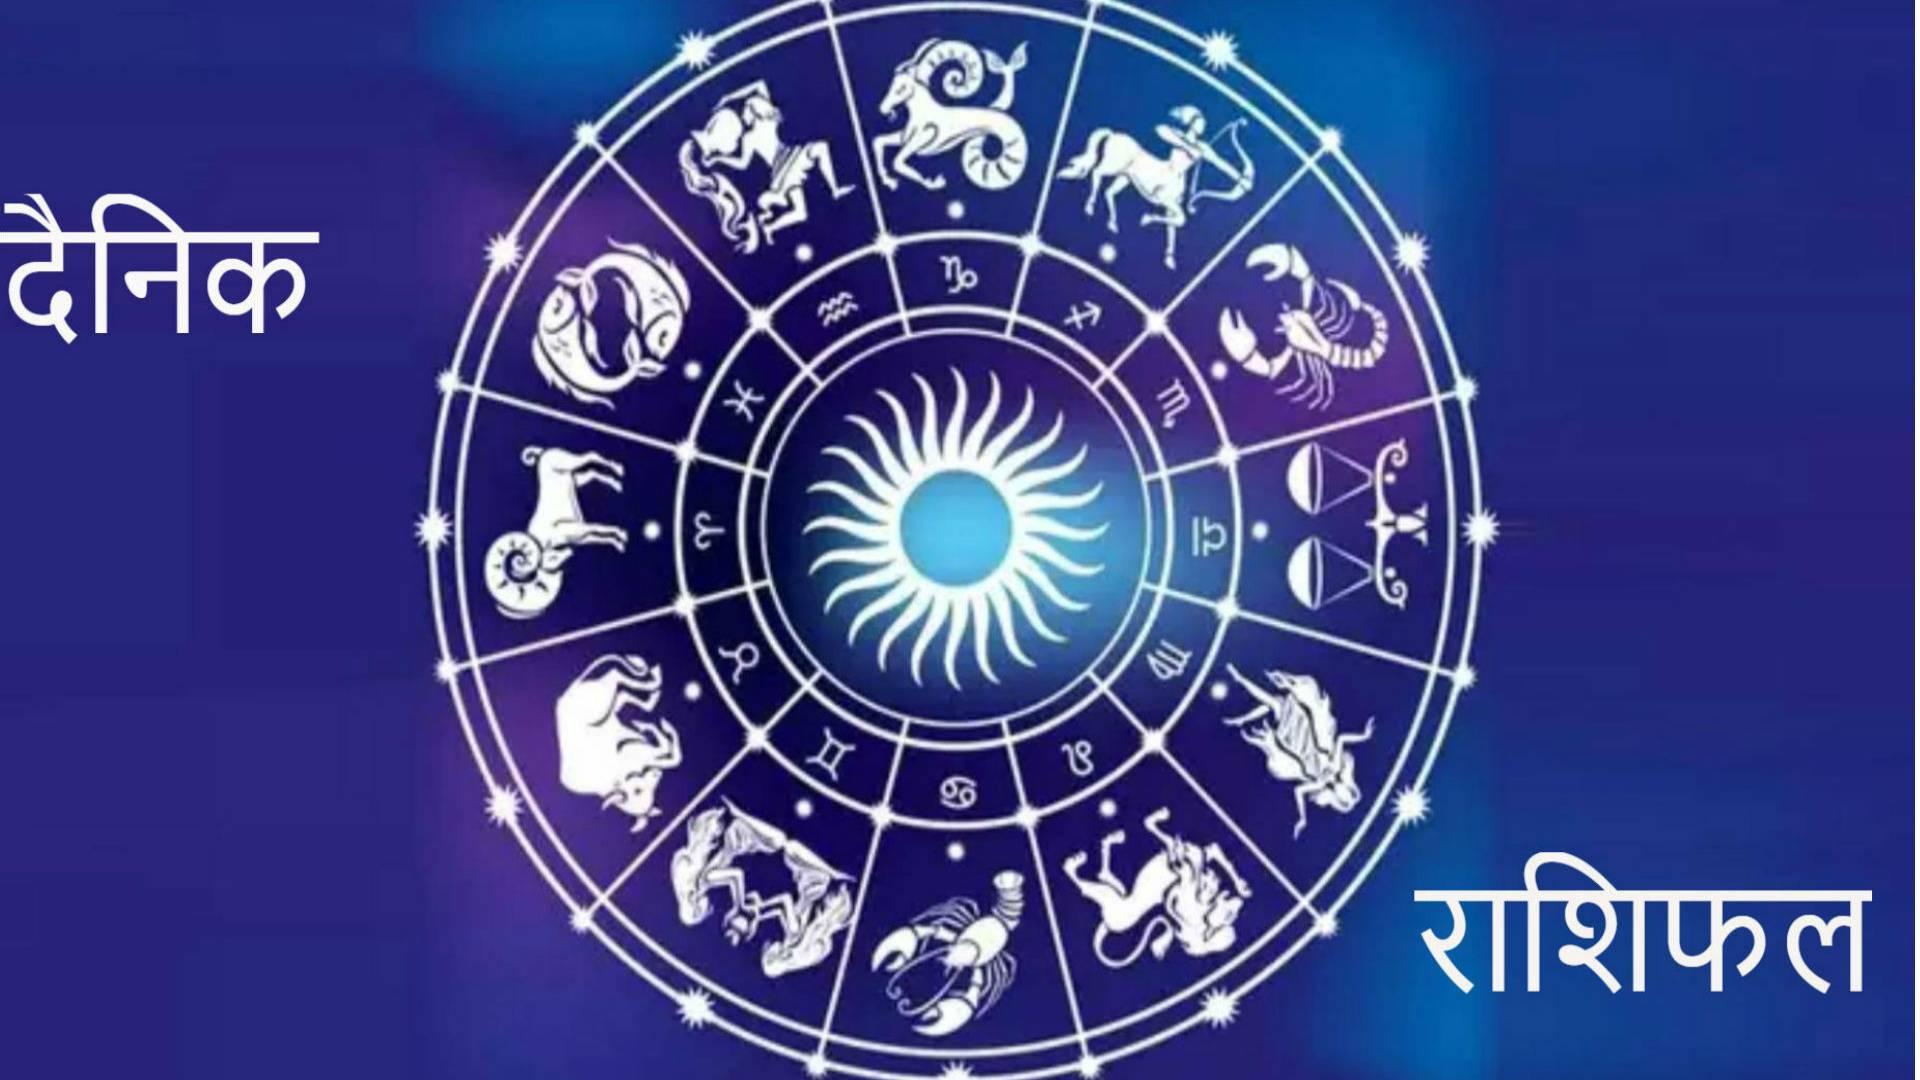 Horoscope Today, 7 January 2020: मेष,धनु राशि के लोगों के लिए आज का दिन होगा सफल, जानिए बाकी राशियों का हाल